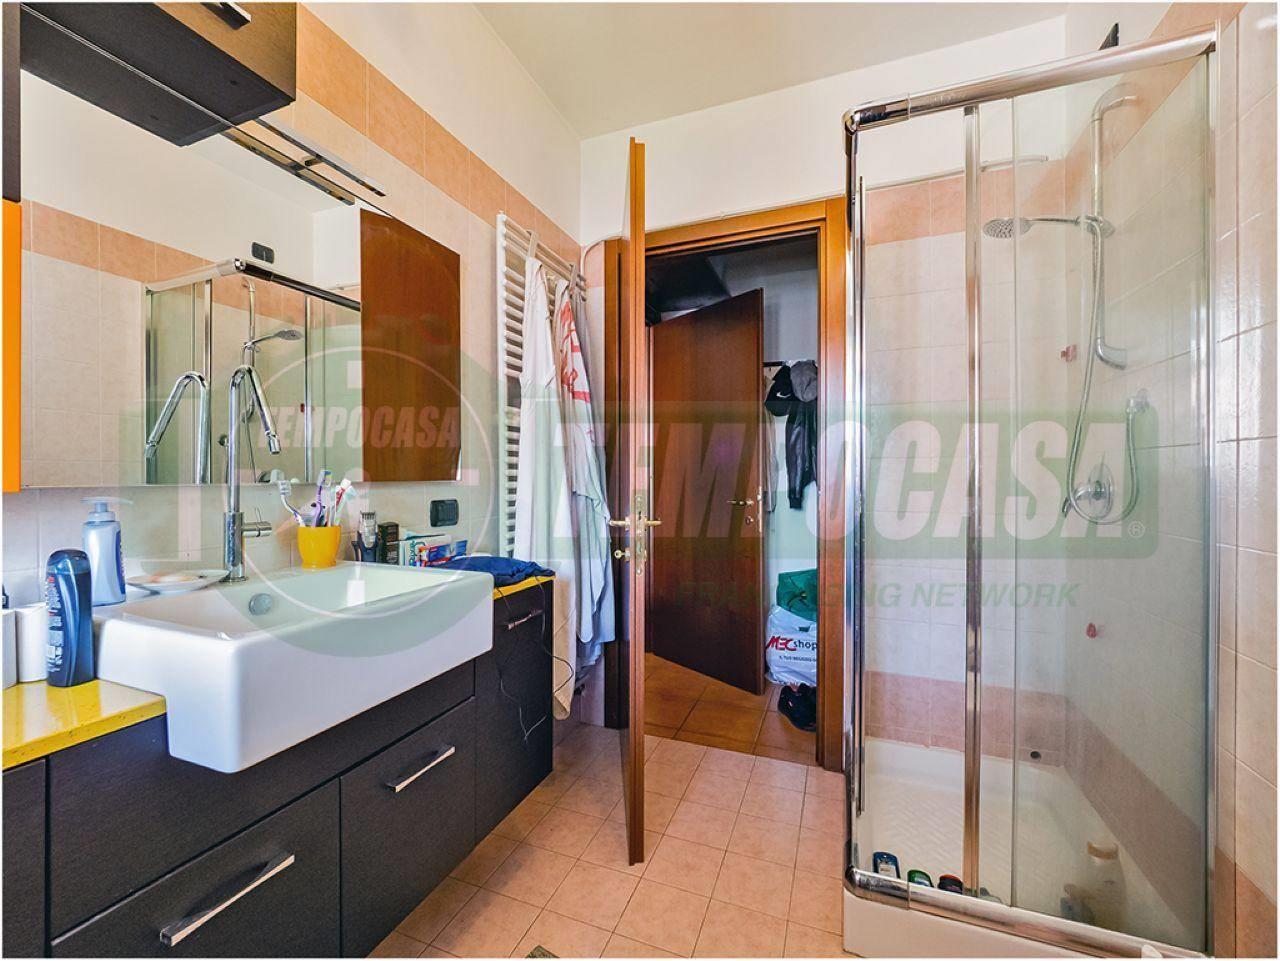 Foto 12 - Appartamento in Vendita - Cesano Maderno (Monza e Brianza)